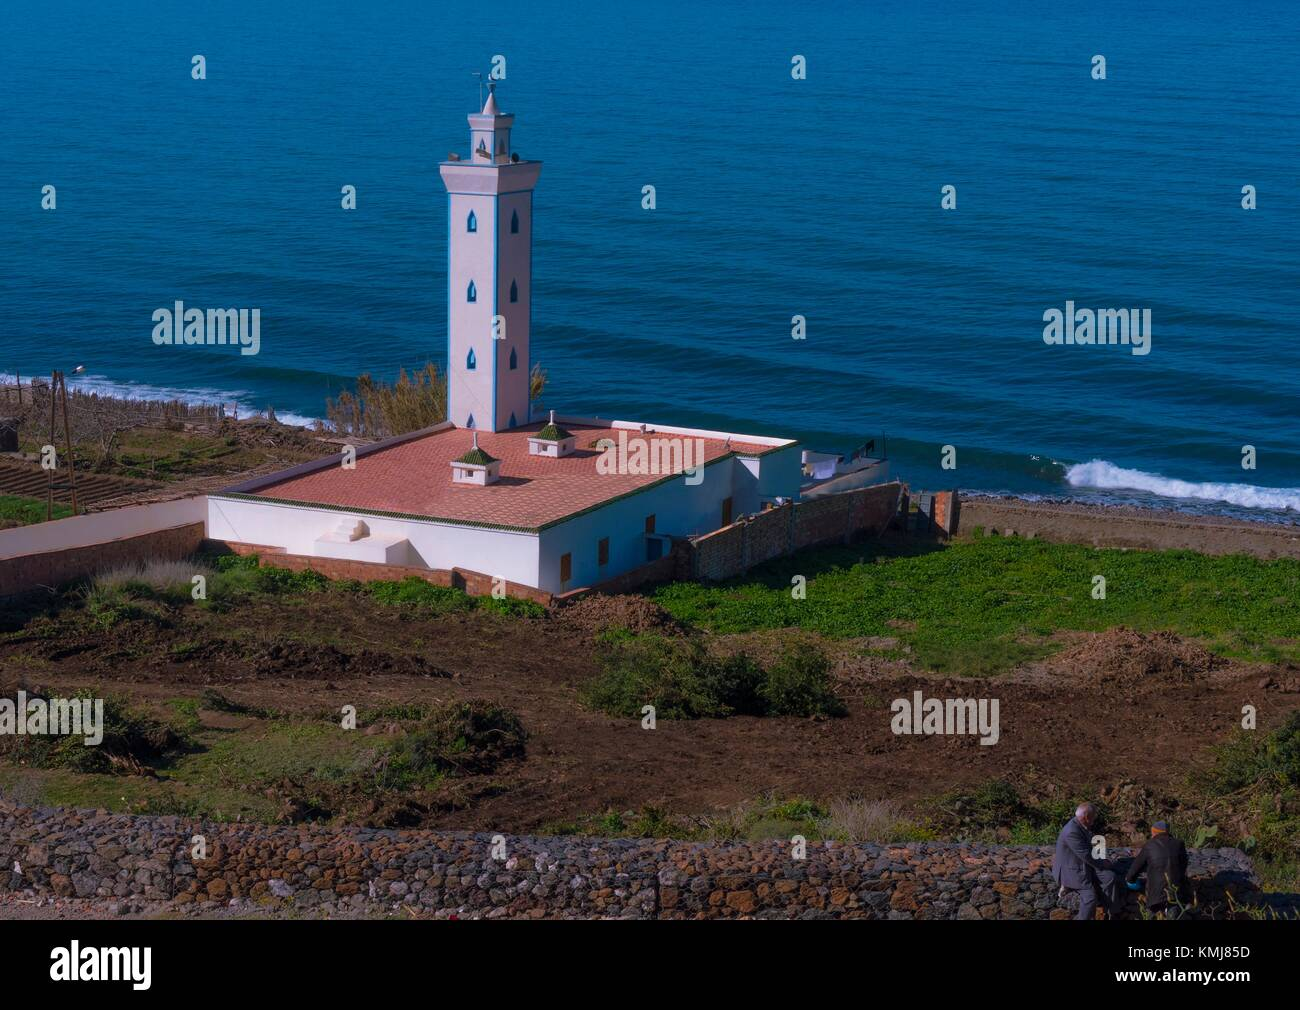 Le Maroc, la côte méditerranéenne, entre Al Hoceima et Nador. Photo Stock